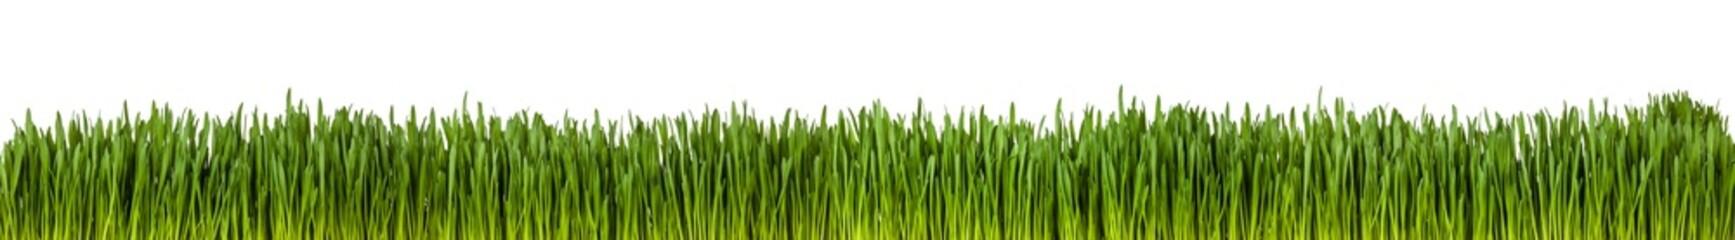 Gras im länglichen Format als Freisteller